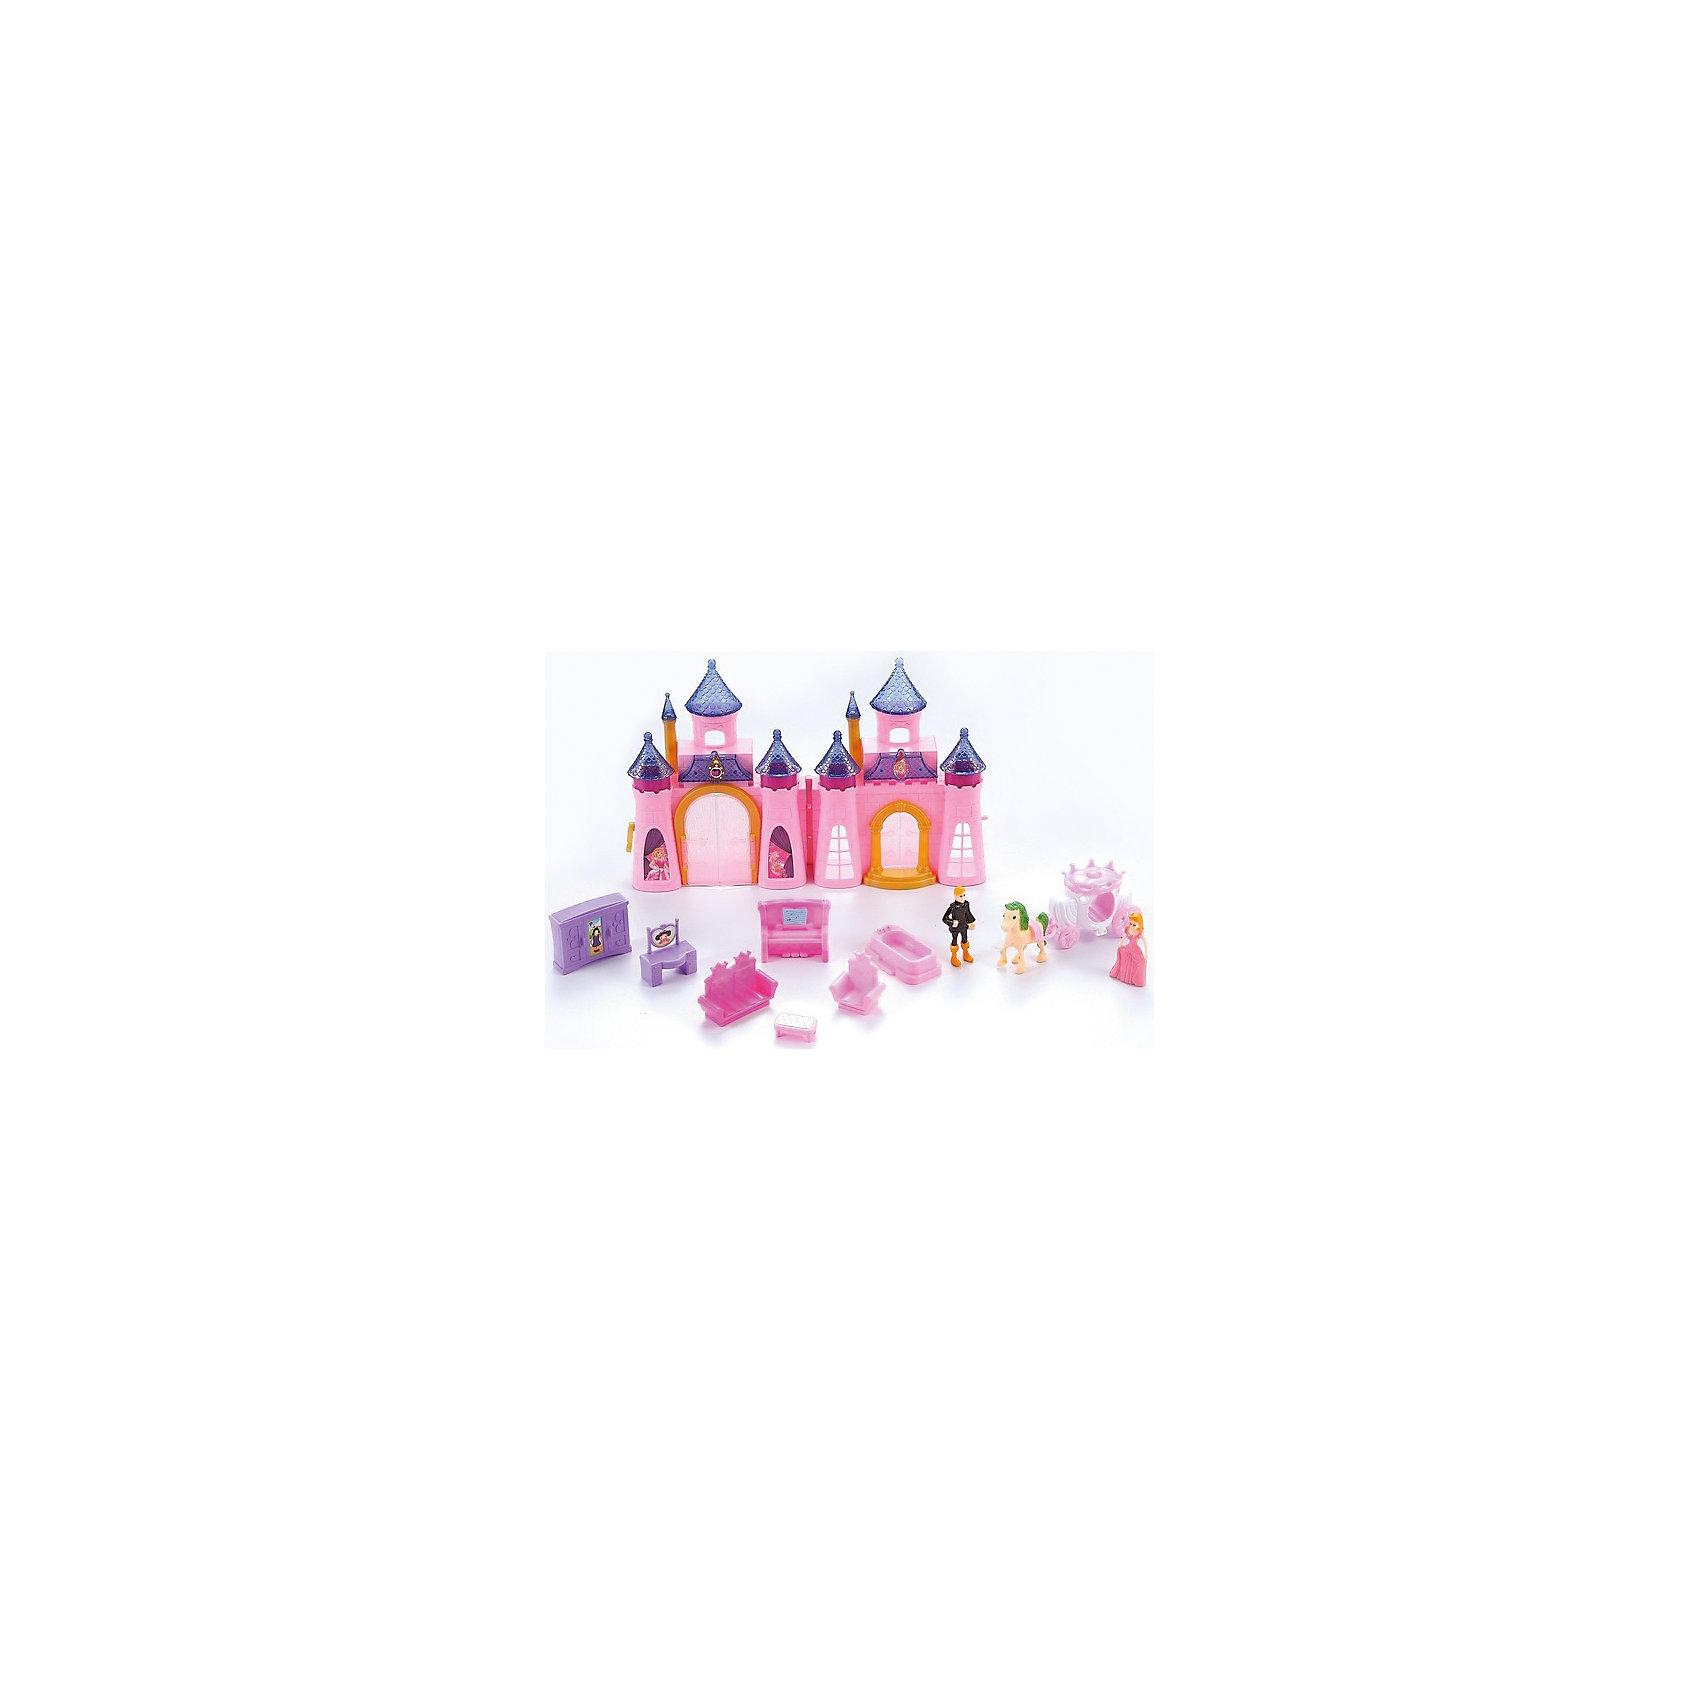 Замок для куклы  Dolly Toy Королевский дворец, DollyToyИдеи подарков<br>Характеристики товара:<br><br>• возраст от 3 лет;<br>• материал: пластик;<br>• в комплекте: складной замок, 2 куклы, карета с лошадкой, аксессуары;<br>• размер упаковки 52х36х6,5 см;<br>• вес упаковки 1 кг;<br>• страна производитель: Китай.<br><br>Замок для куклы «Королевский дворец» DollyToy обязательно понравится девочке. С таким набором можно придумывать разнообразные сюжеты и истории для игр, проявляя фантазию. Куколка побудет принцессой, которая живет в сказочном замке. У нее есть своя королевская карета. Световые и звуковые эффекты сделают игру еще более сказочной и увлекательной.<br><br>Замок для куклы «Королевский дворец» DollyToy можно приобрести в нашем интернет-магазине.<br><br>Ширина мм: 520<br>Глубина мм: 360<br>Высота мм: 65<br>Вес г: 1000<br>Возраст от месяцев: 36<br>Возраст до месяцев: 72<br>Пол: Женский<br>Возраст: Детский<br>SKU: 5581268